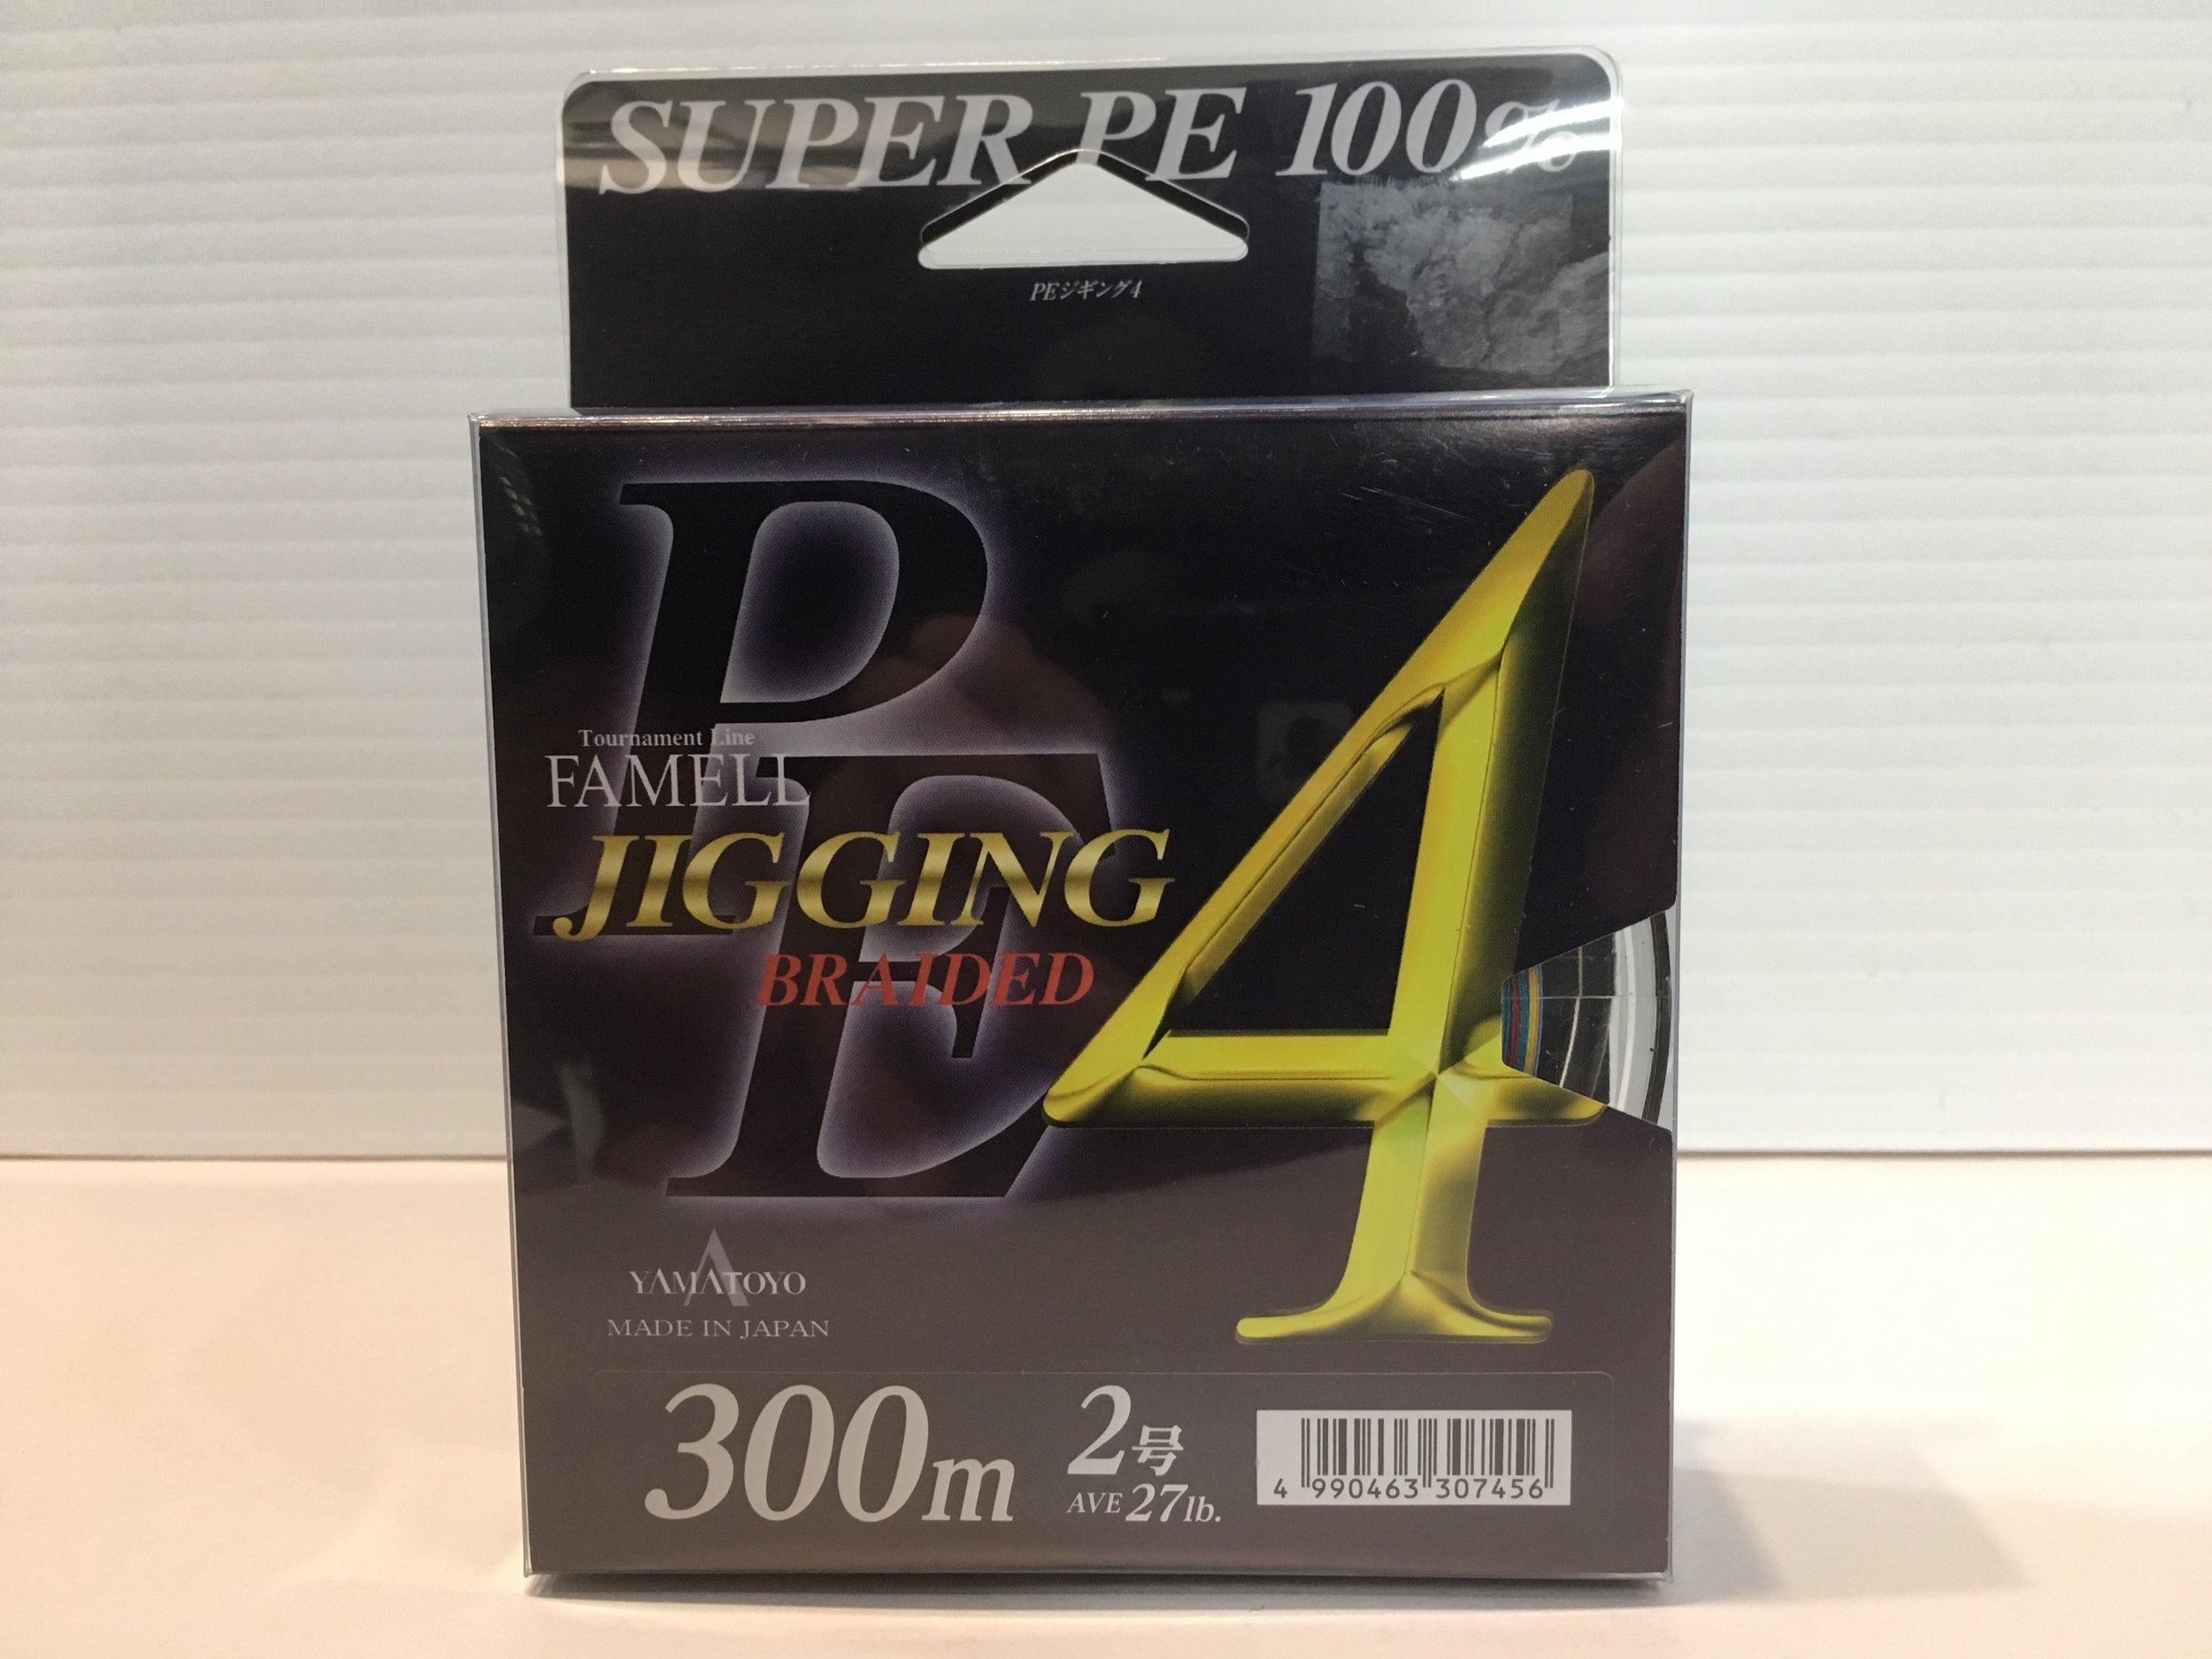 Yamatoyo Super PE4 Jigging